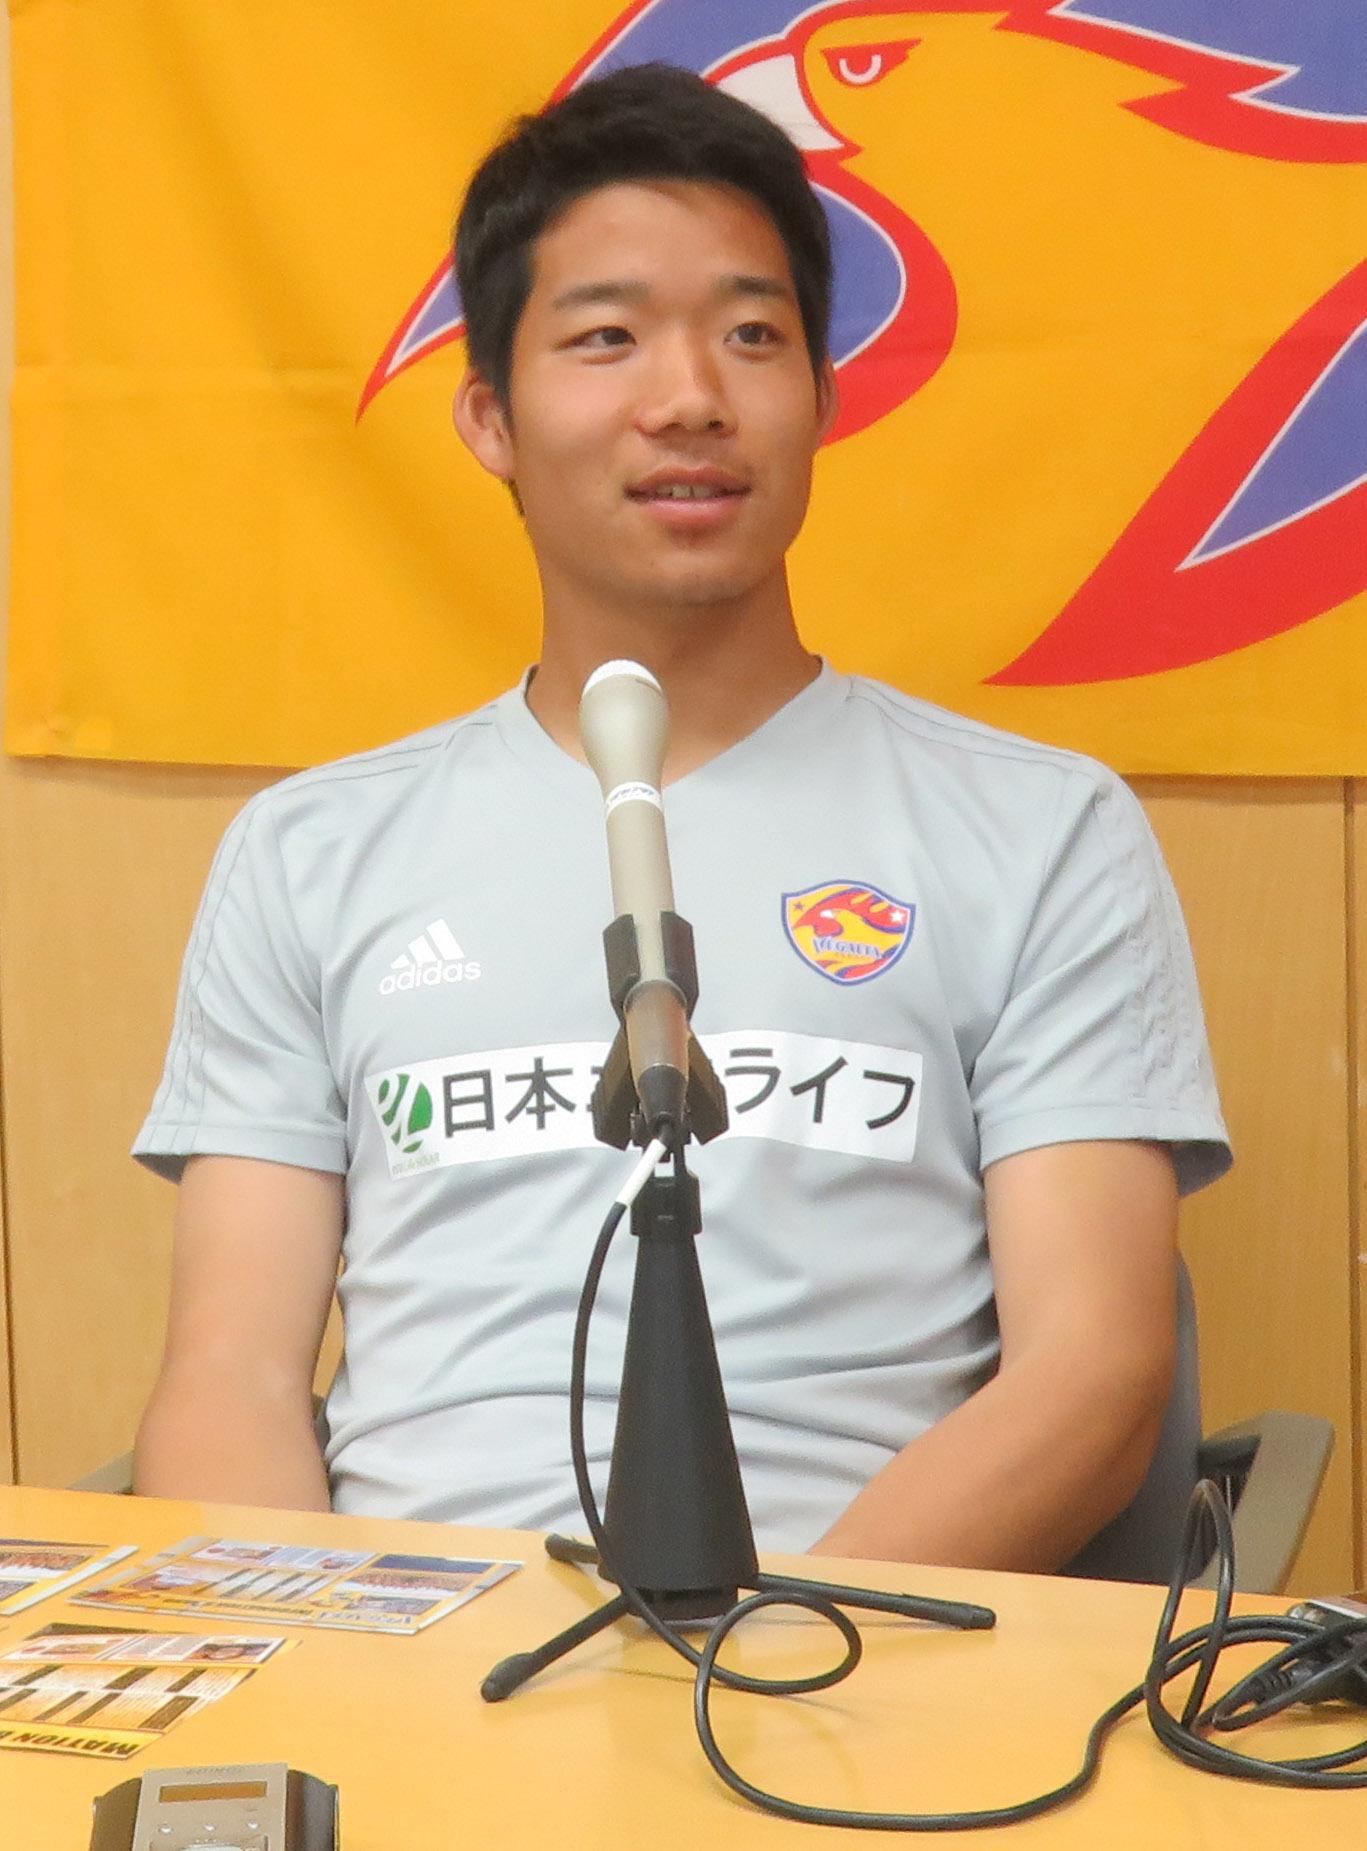 常田選手インタビュー_d0367462_18361611.jpg